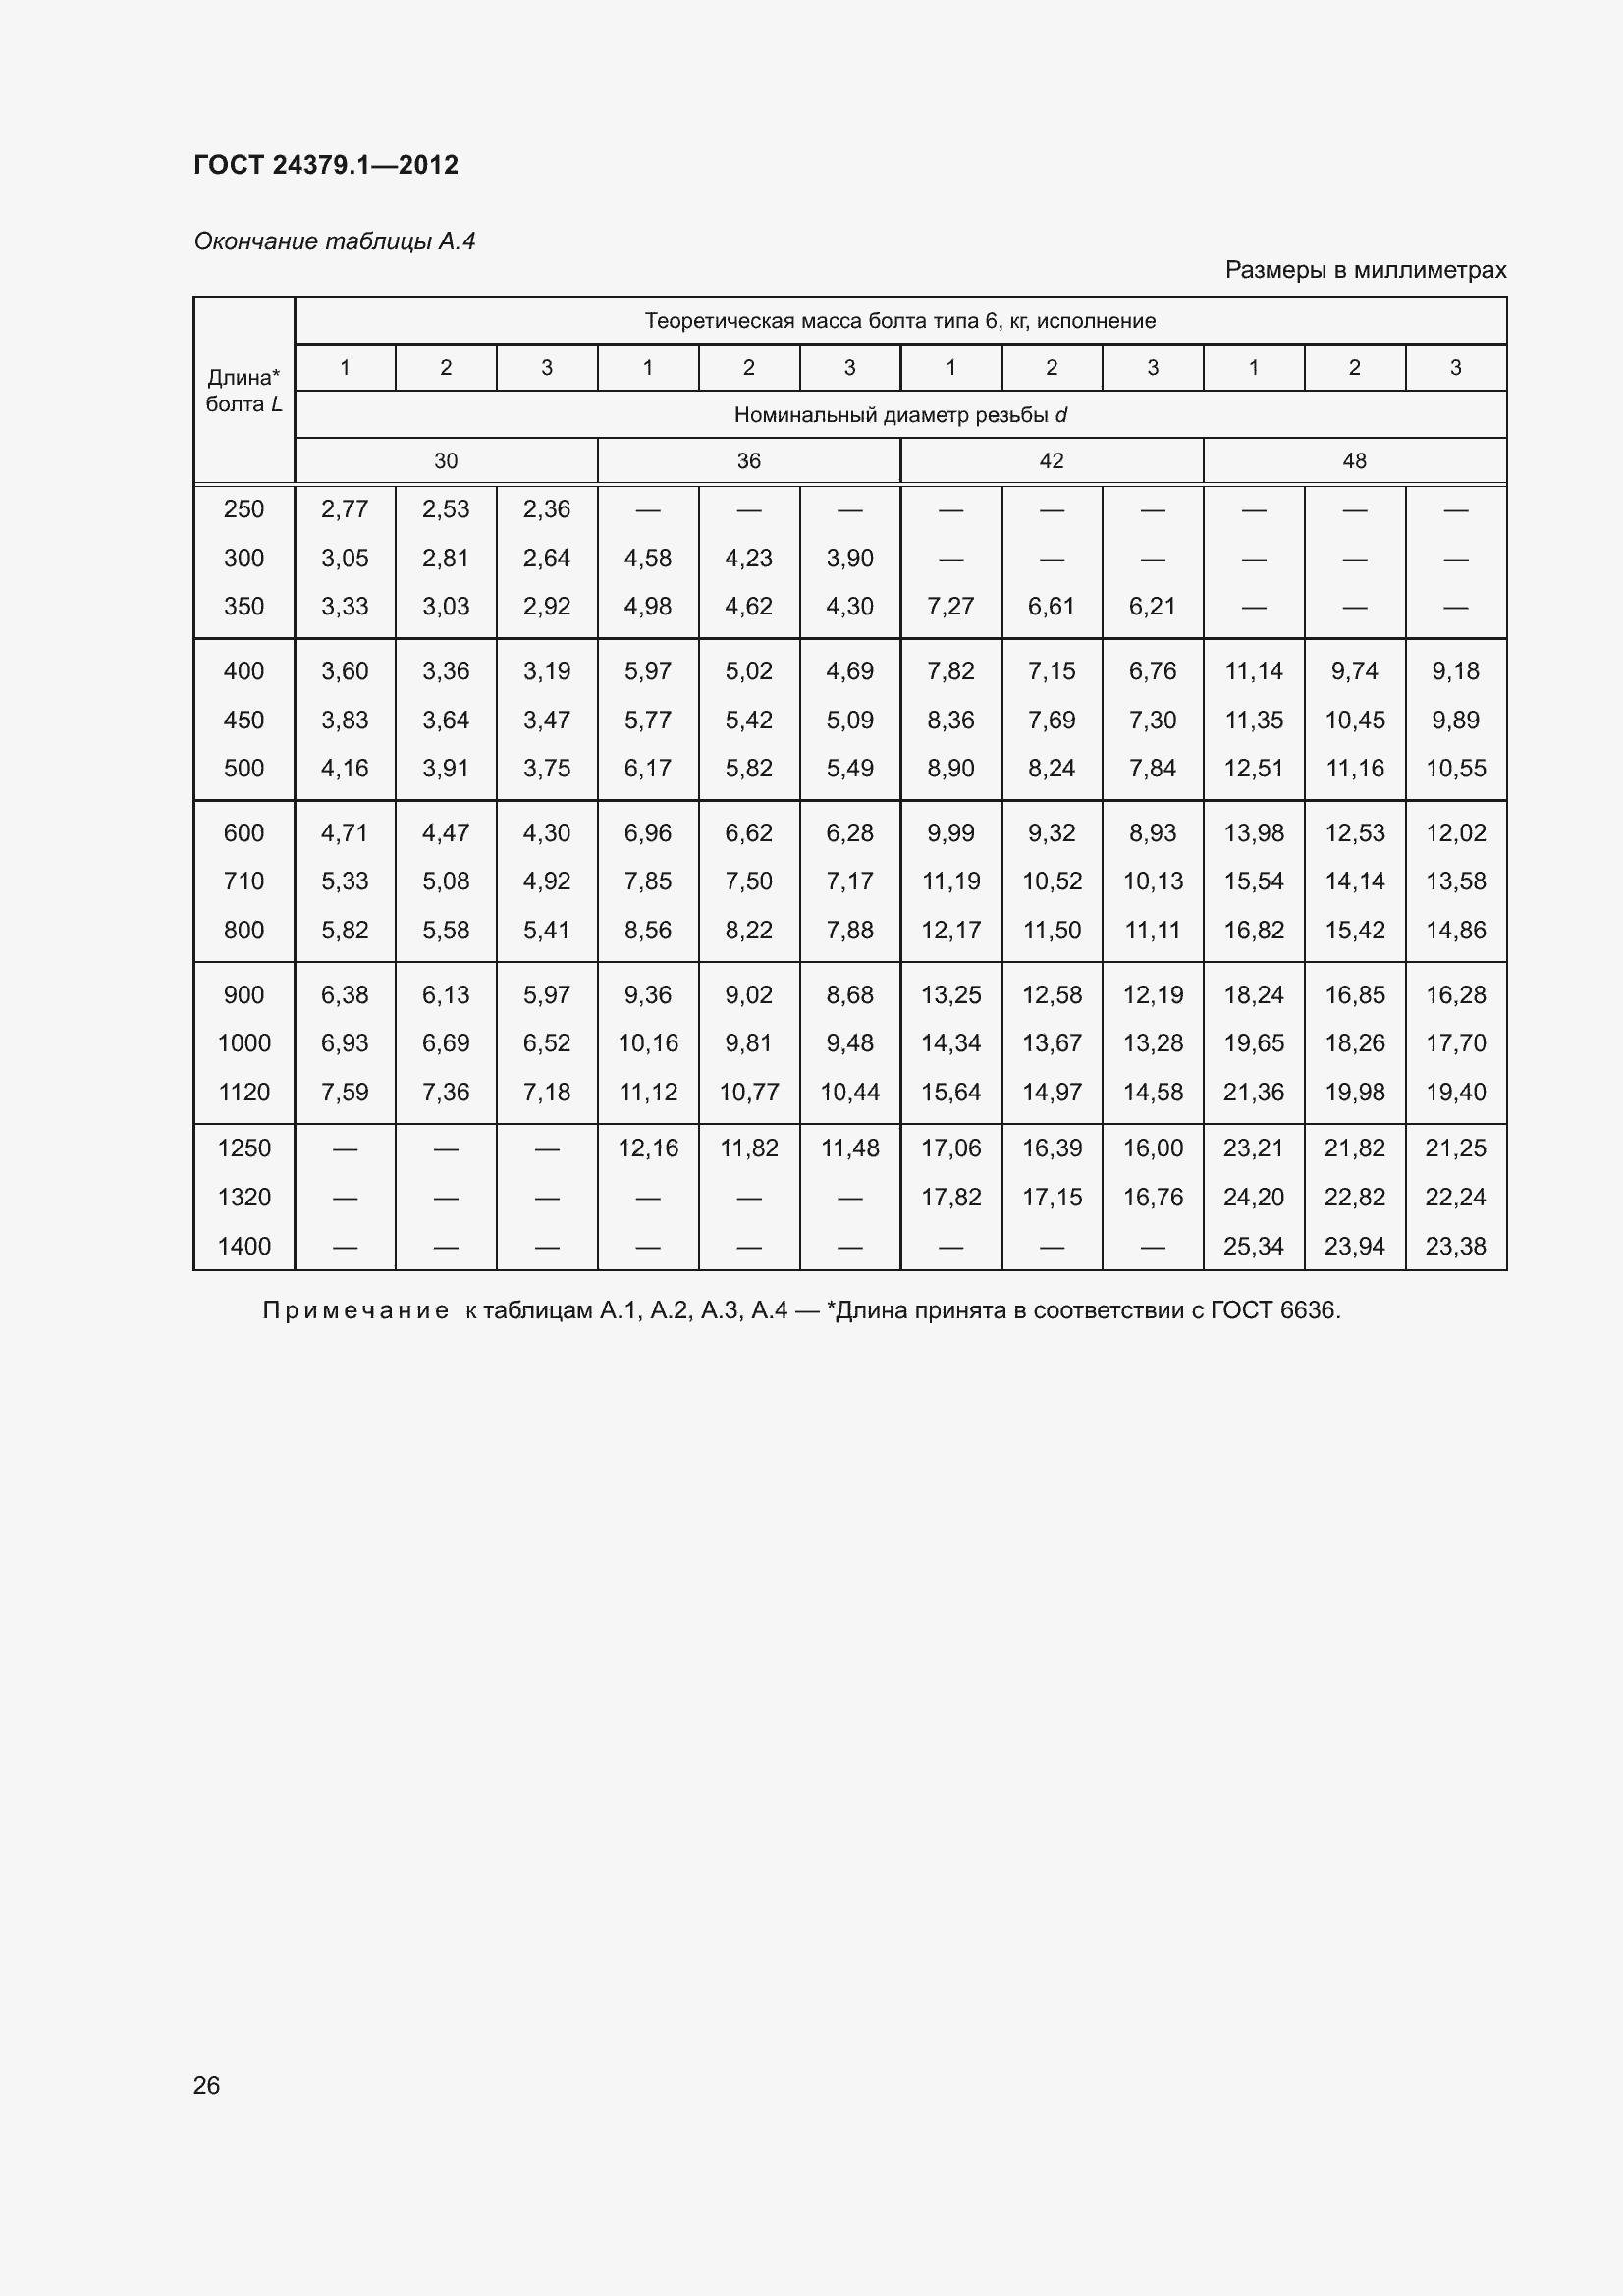 ГОСТ 24379.1-2012. Страница 32